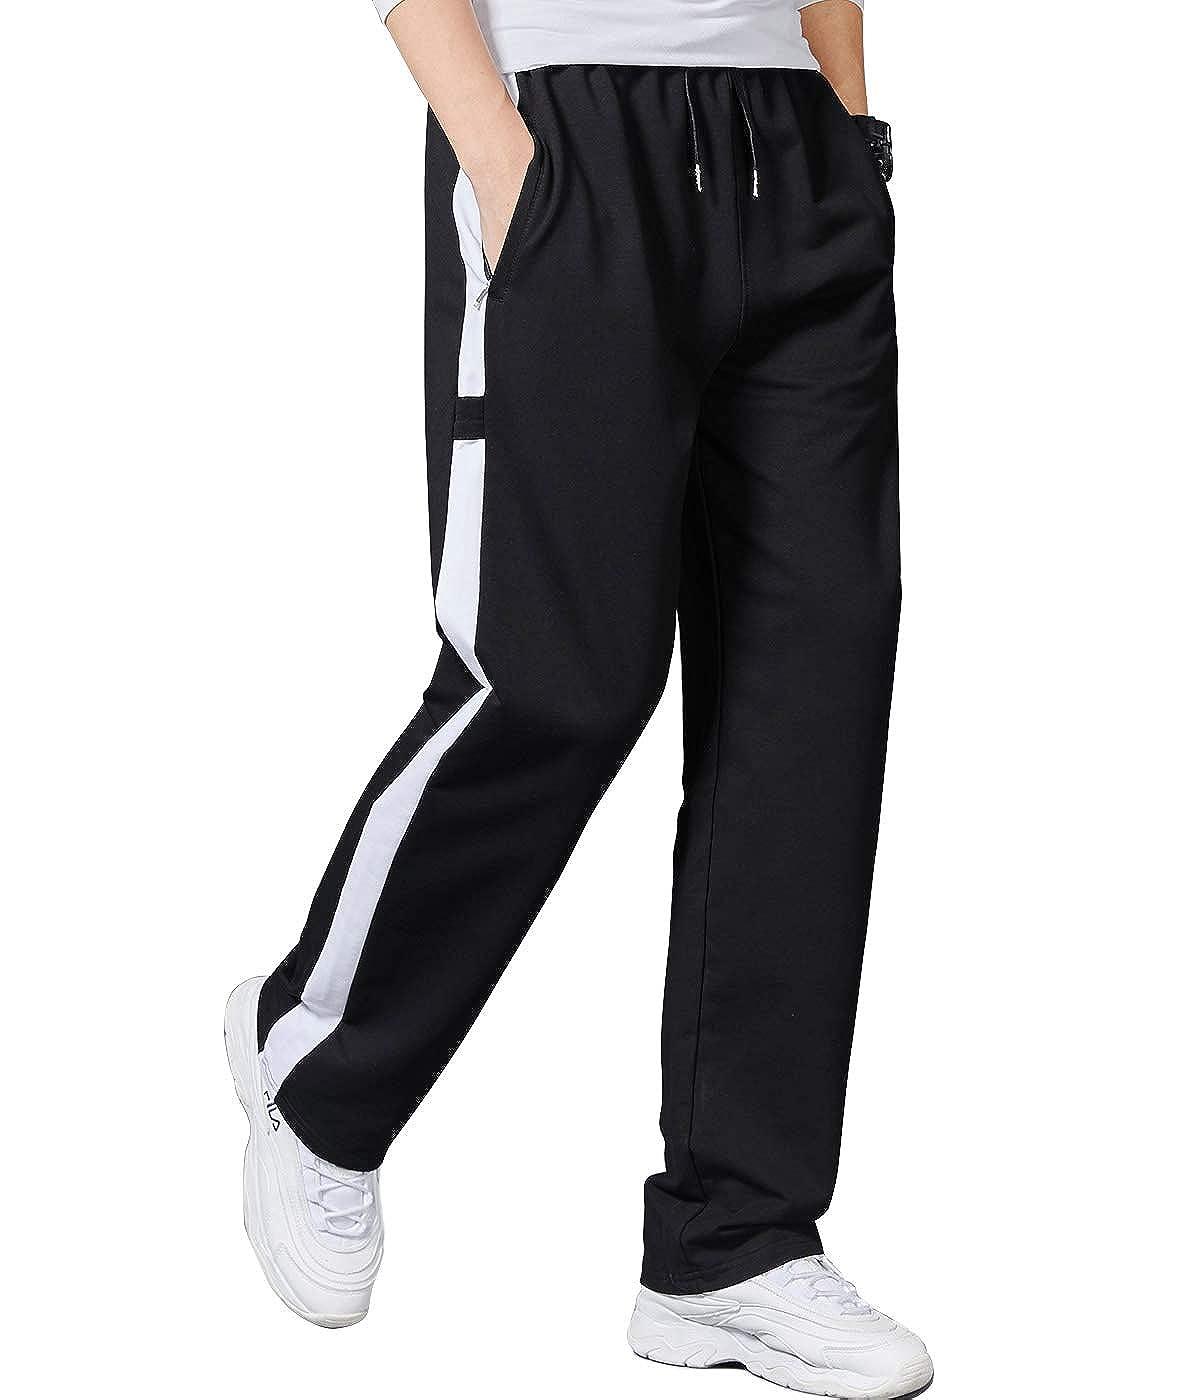 Lachi Hommes Pantalon de Sport Jogging Jogger Fitness Homme Surv/êtement Coton Slim Fit Respirant et L/éger Printemps /Ét/é